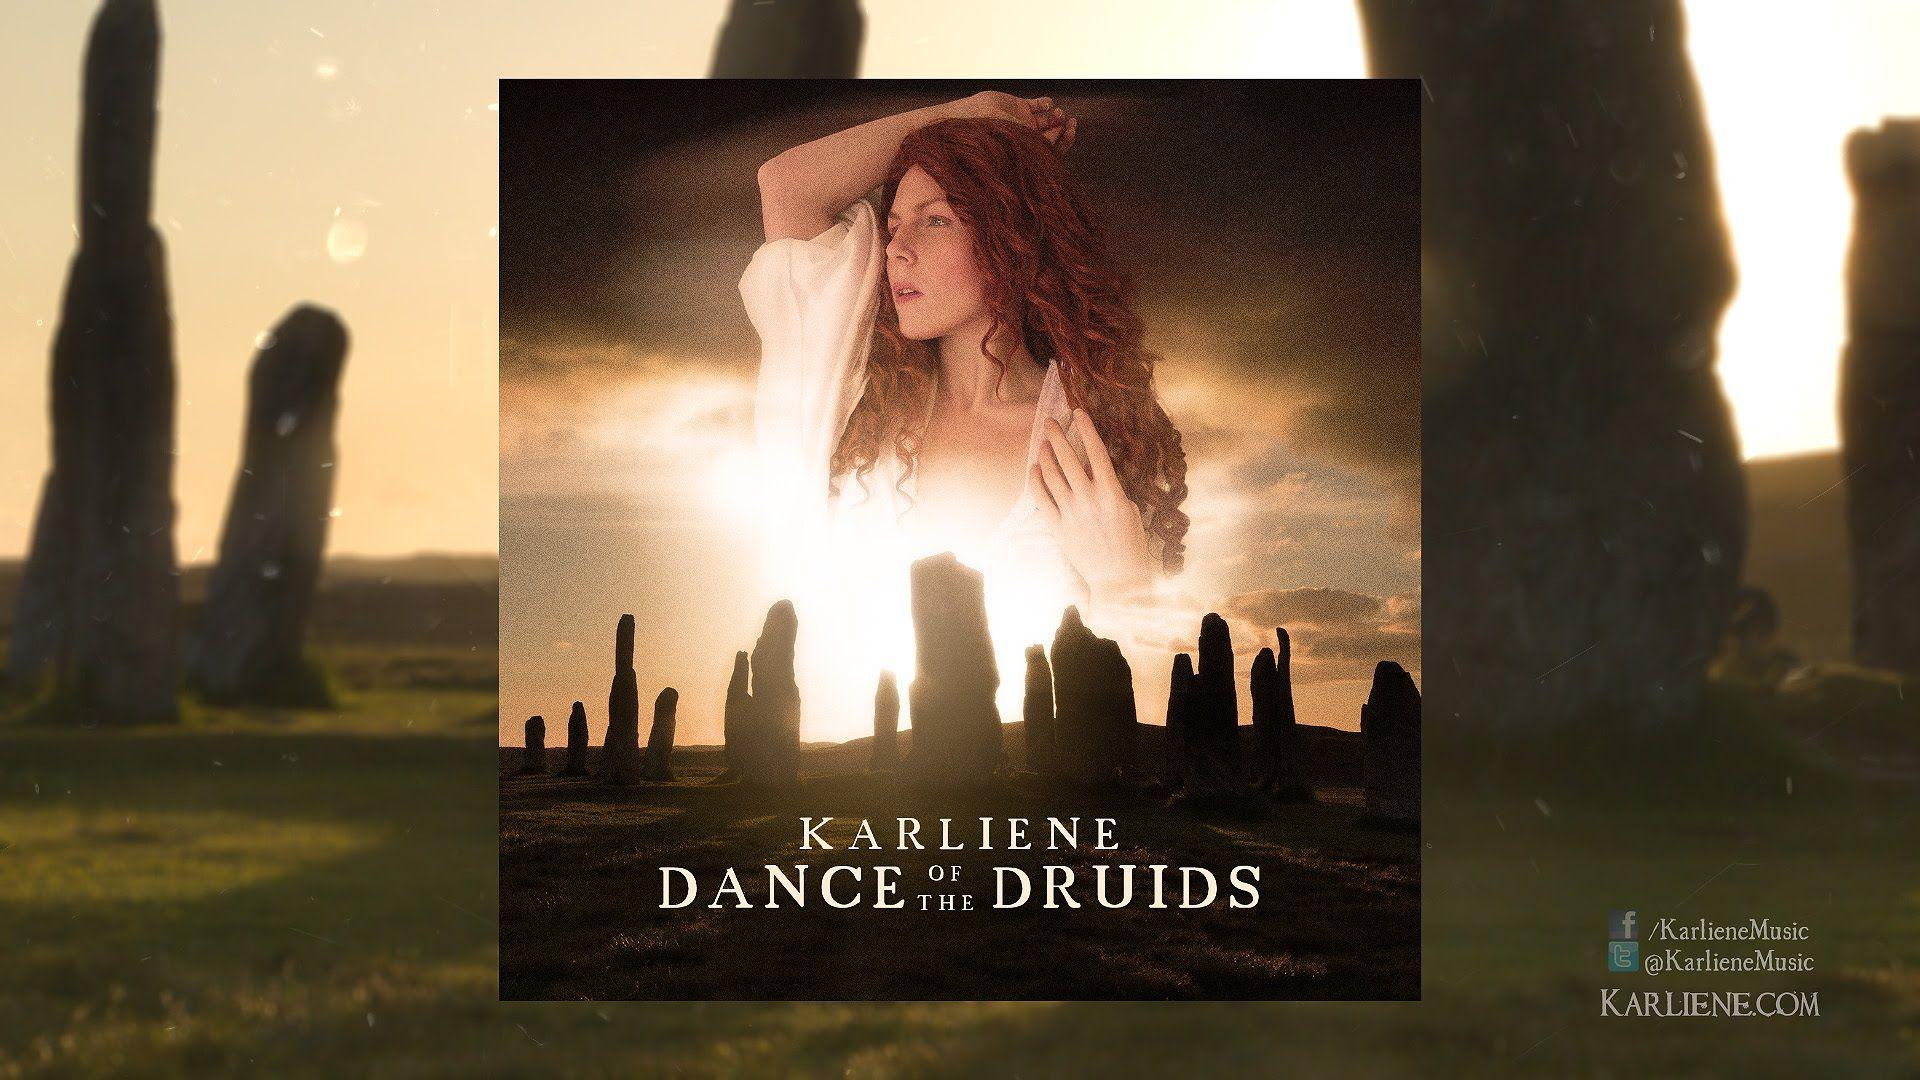 Karliene Dance Of The Druids Muzyka